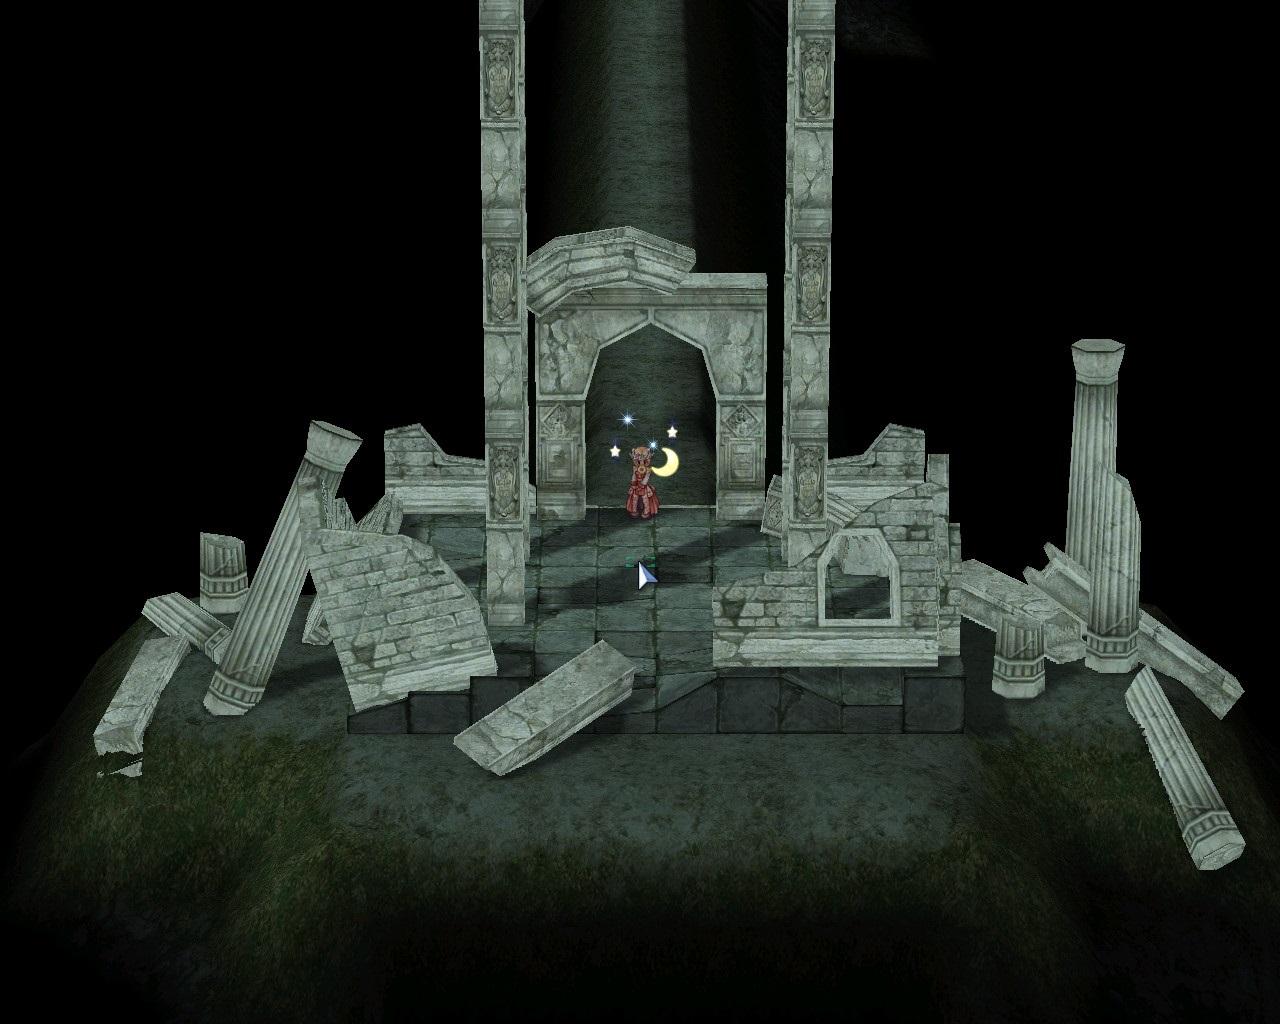 オーディン神殿調査 地下神殿